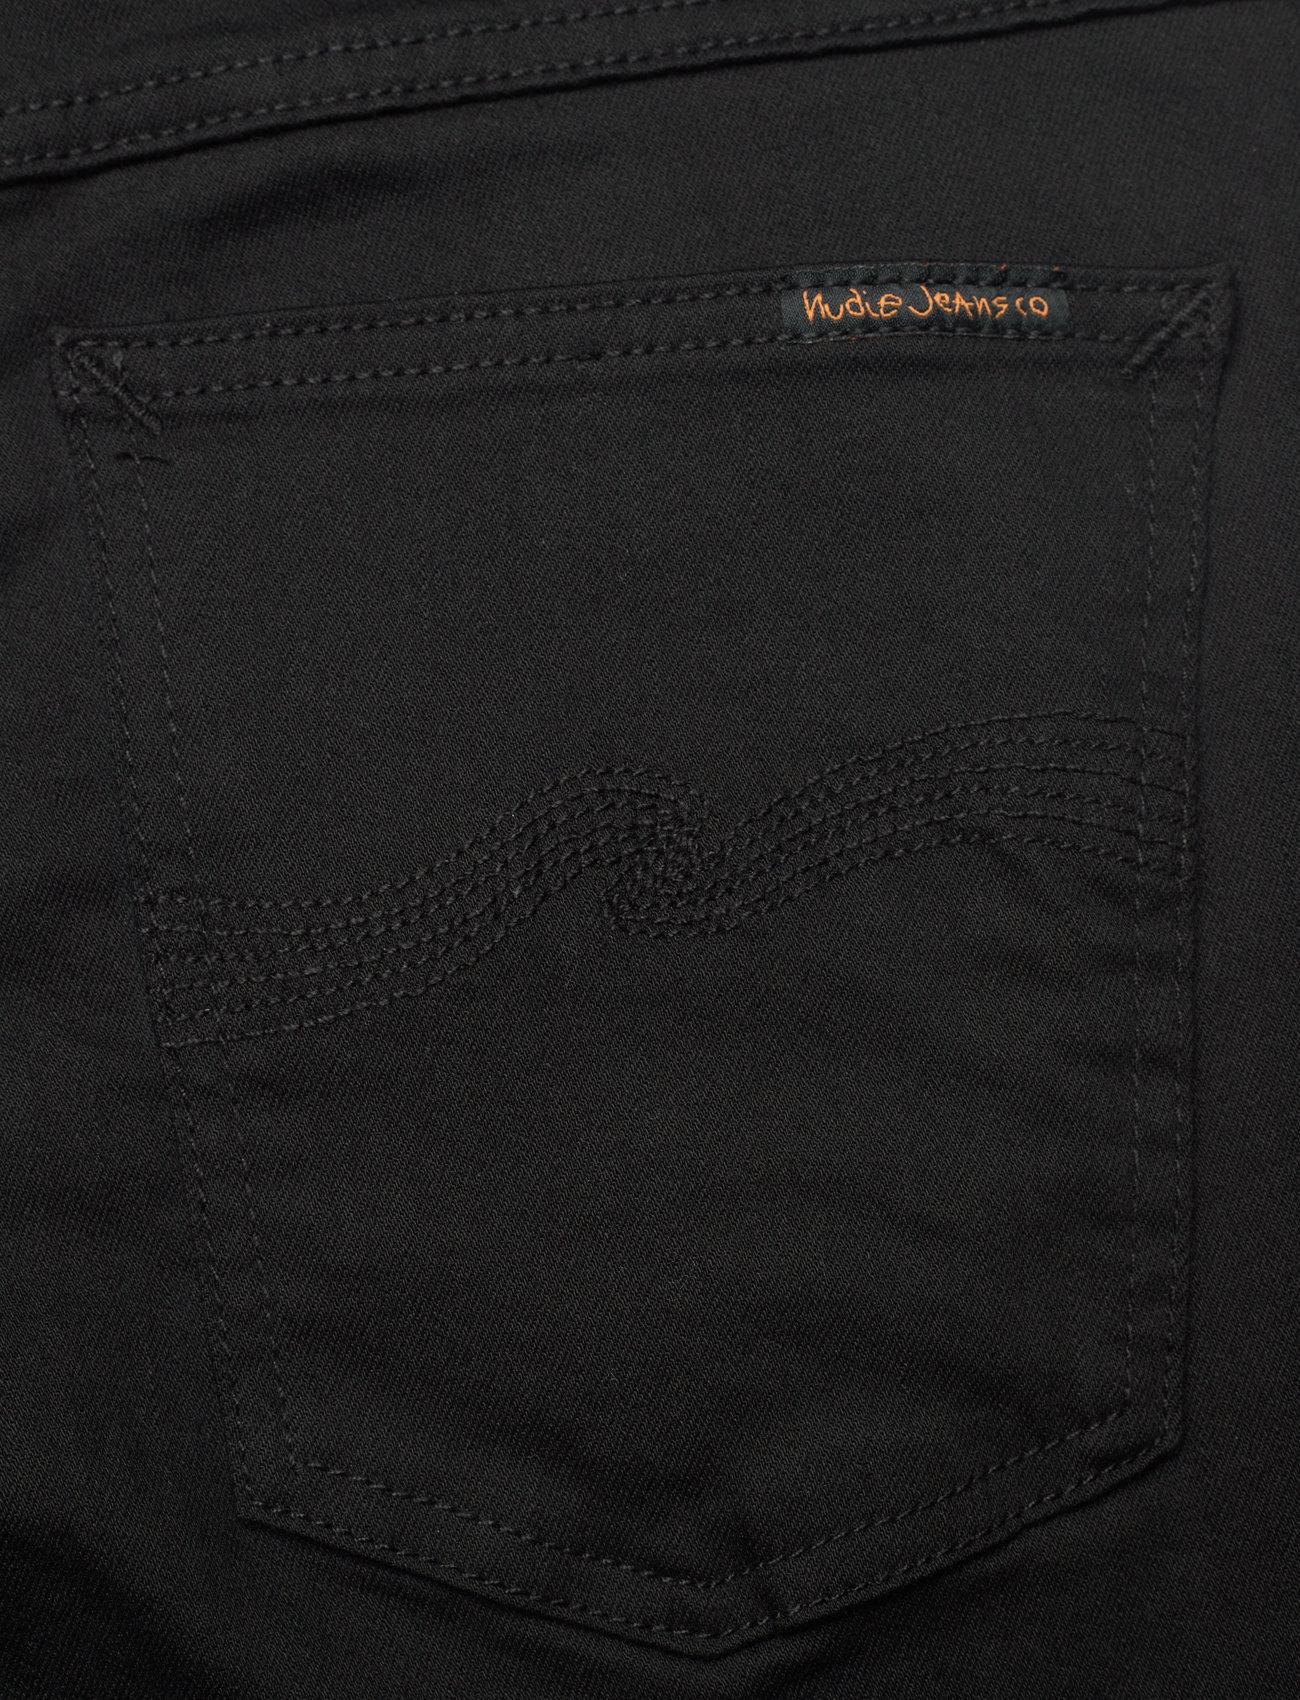 Nudie Jeans - Hightop Tilde - skinny jeans - everblack - 4